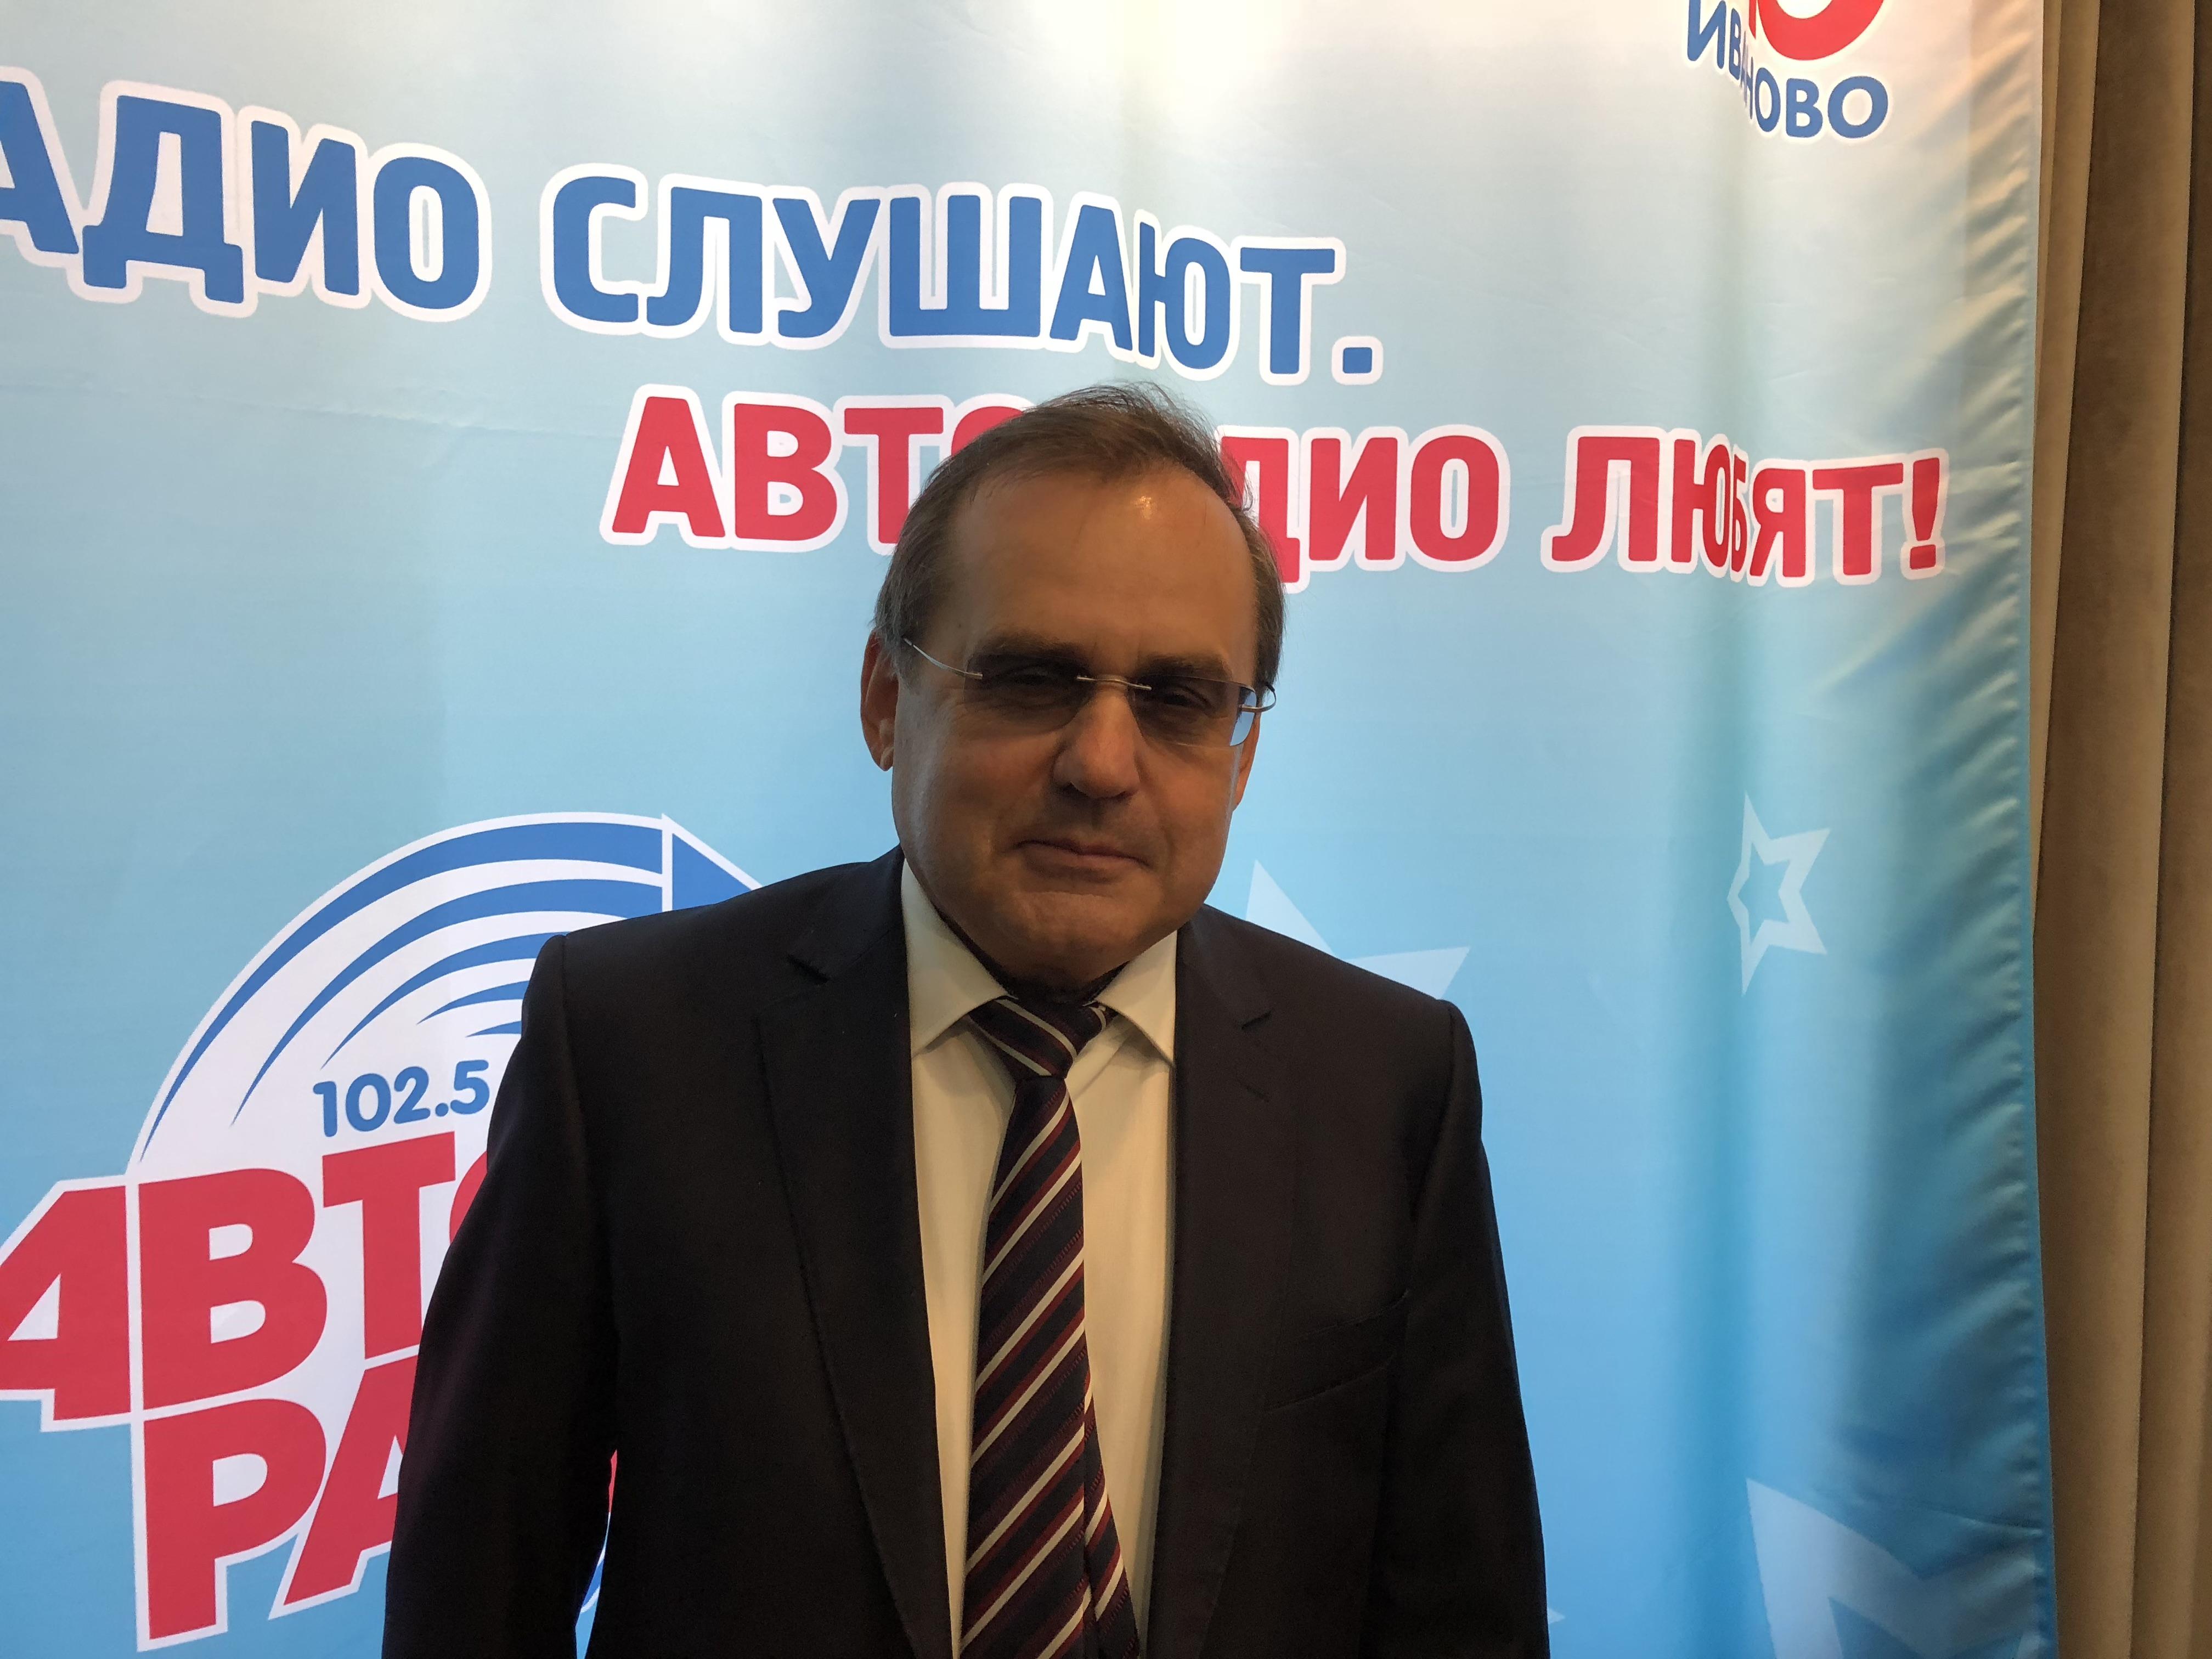 burov-171118-ar